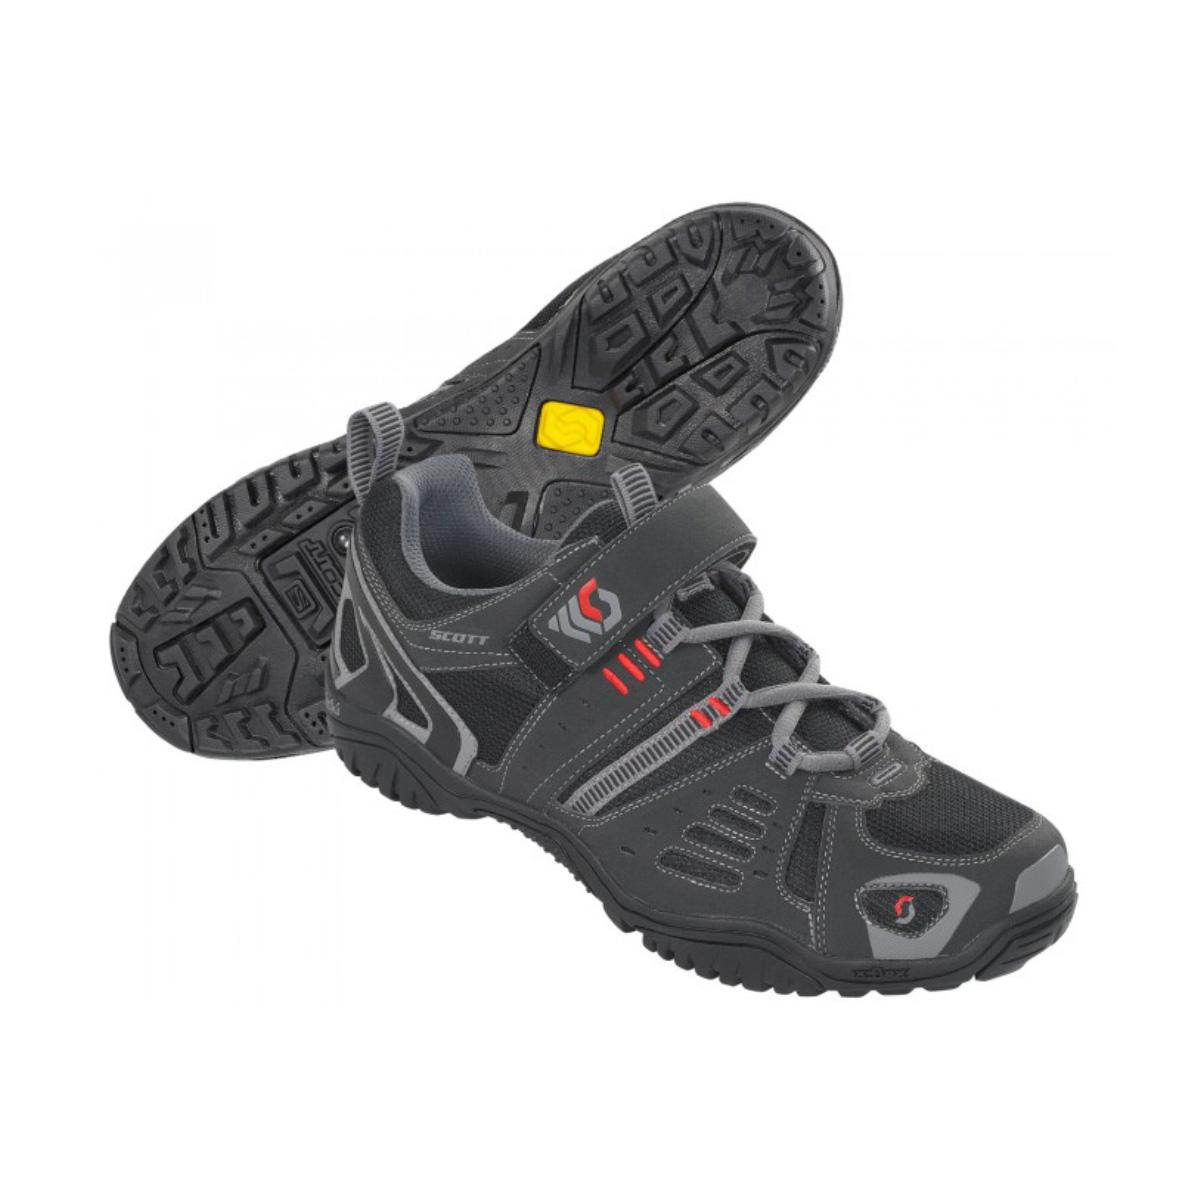 کفش اسپرت اسکات مدل تریل Scott Shoes Trail